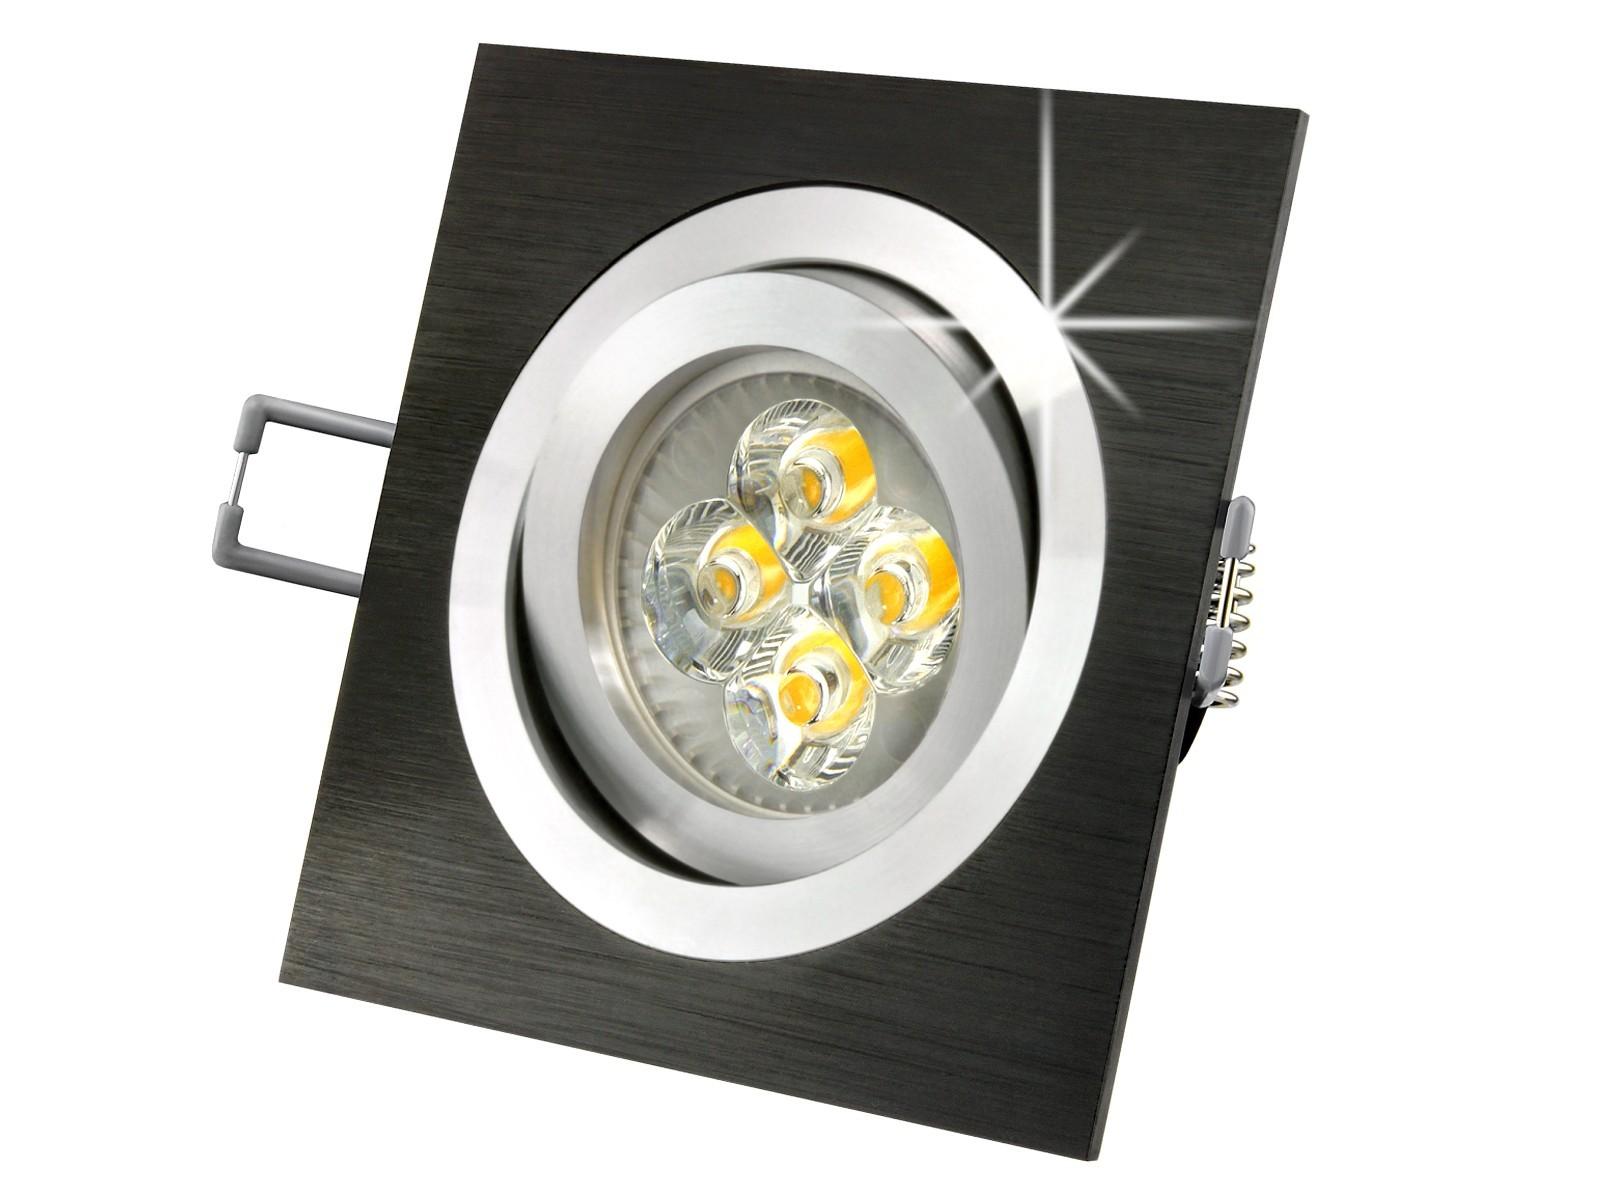 qf 2 led einbauleuchte einbaustrahler alu schwarz dimmbar 230v gu10 warm weiss ebay. Black Bedroom Furniture Sets. Home Design Ideas